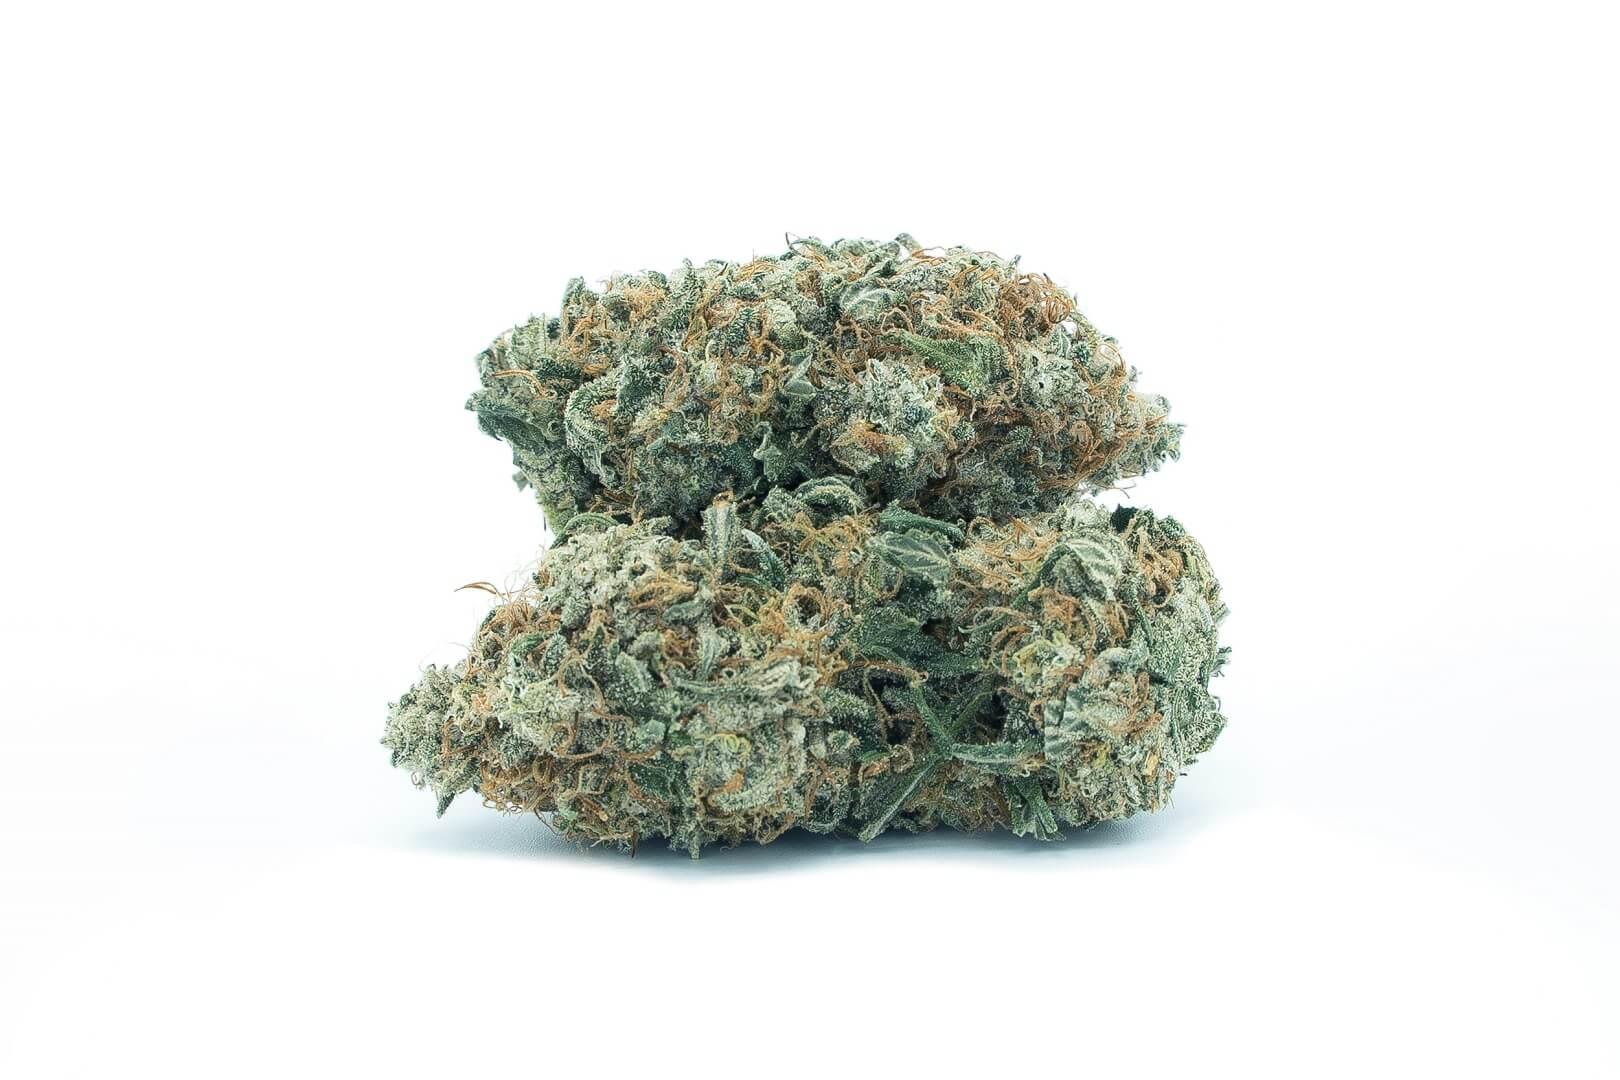 Blue Cheese strain photo 1